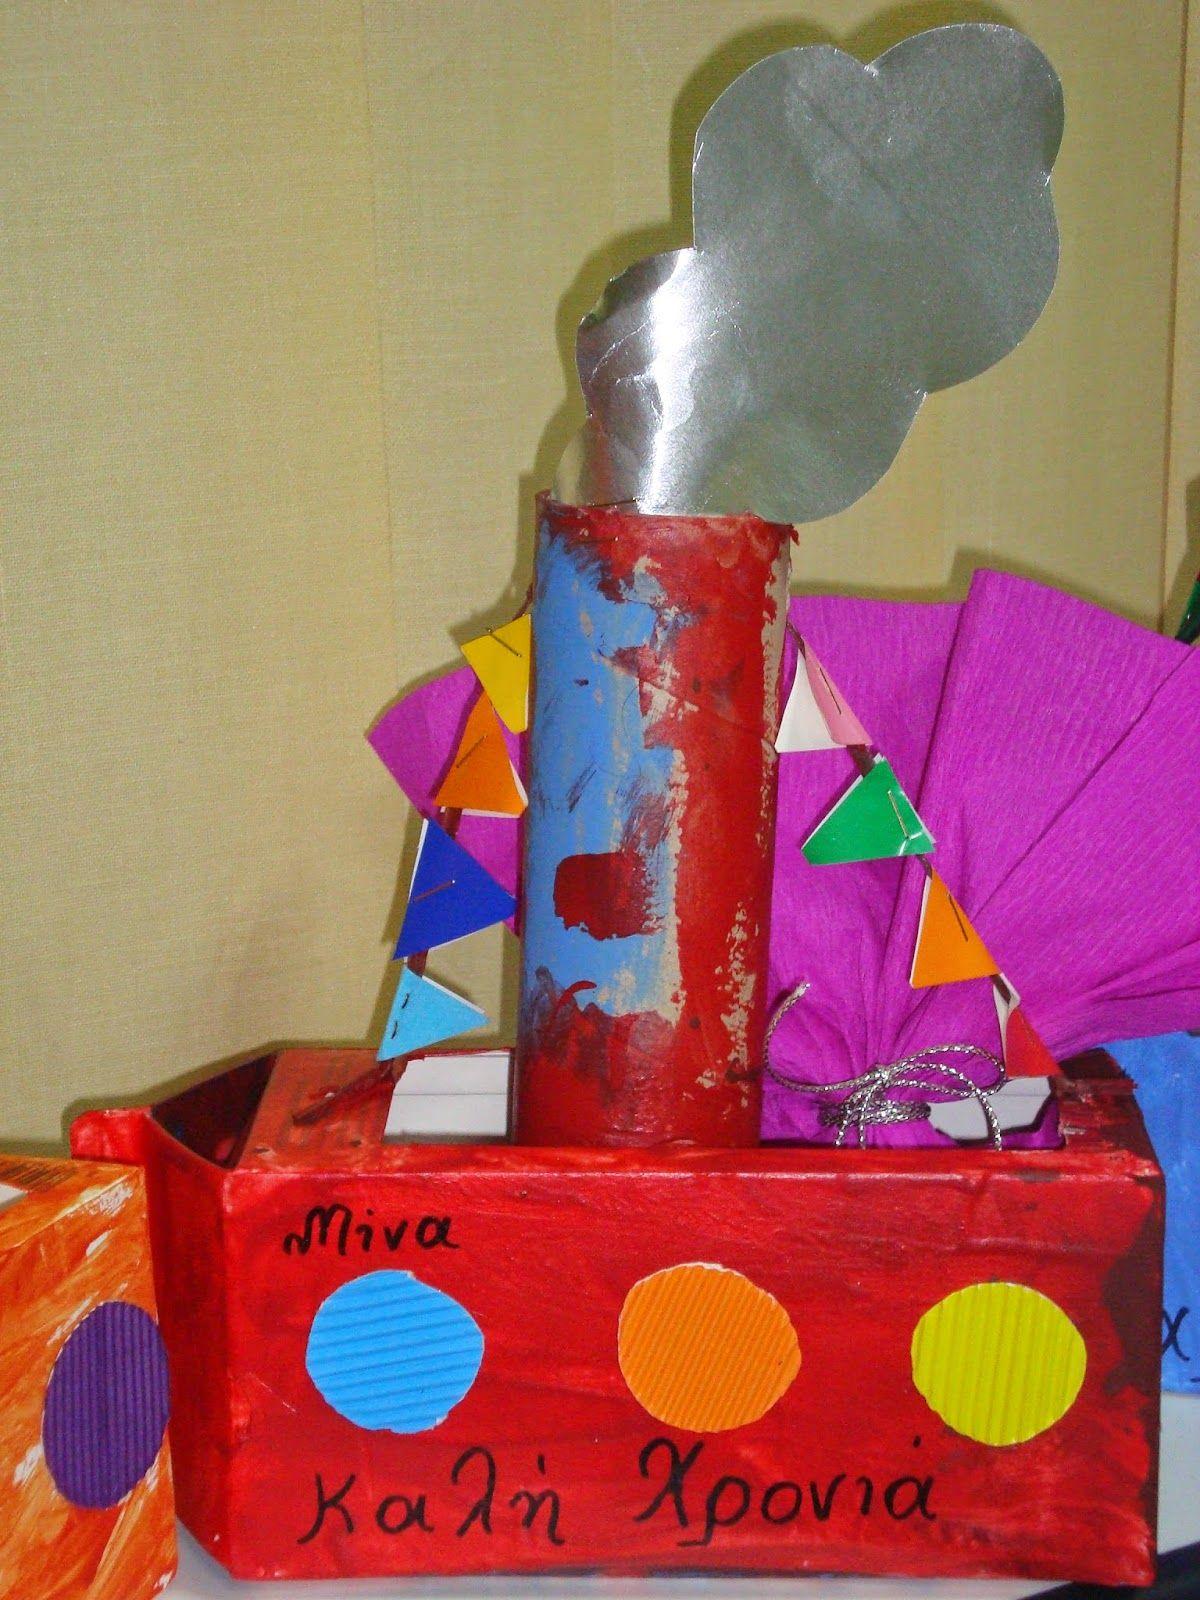 Φρου Φρουκατασκευές στον Παιδικό Σταθμό!: Χριστουγεννιάτικες κατασκευές -Το καραβάκι καλαθάκι με τις λιχουδιές τους. Συσκευασία δίλιτρου γάλακτος.